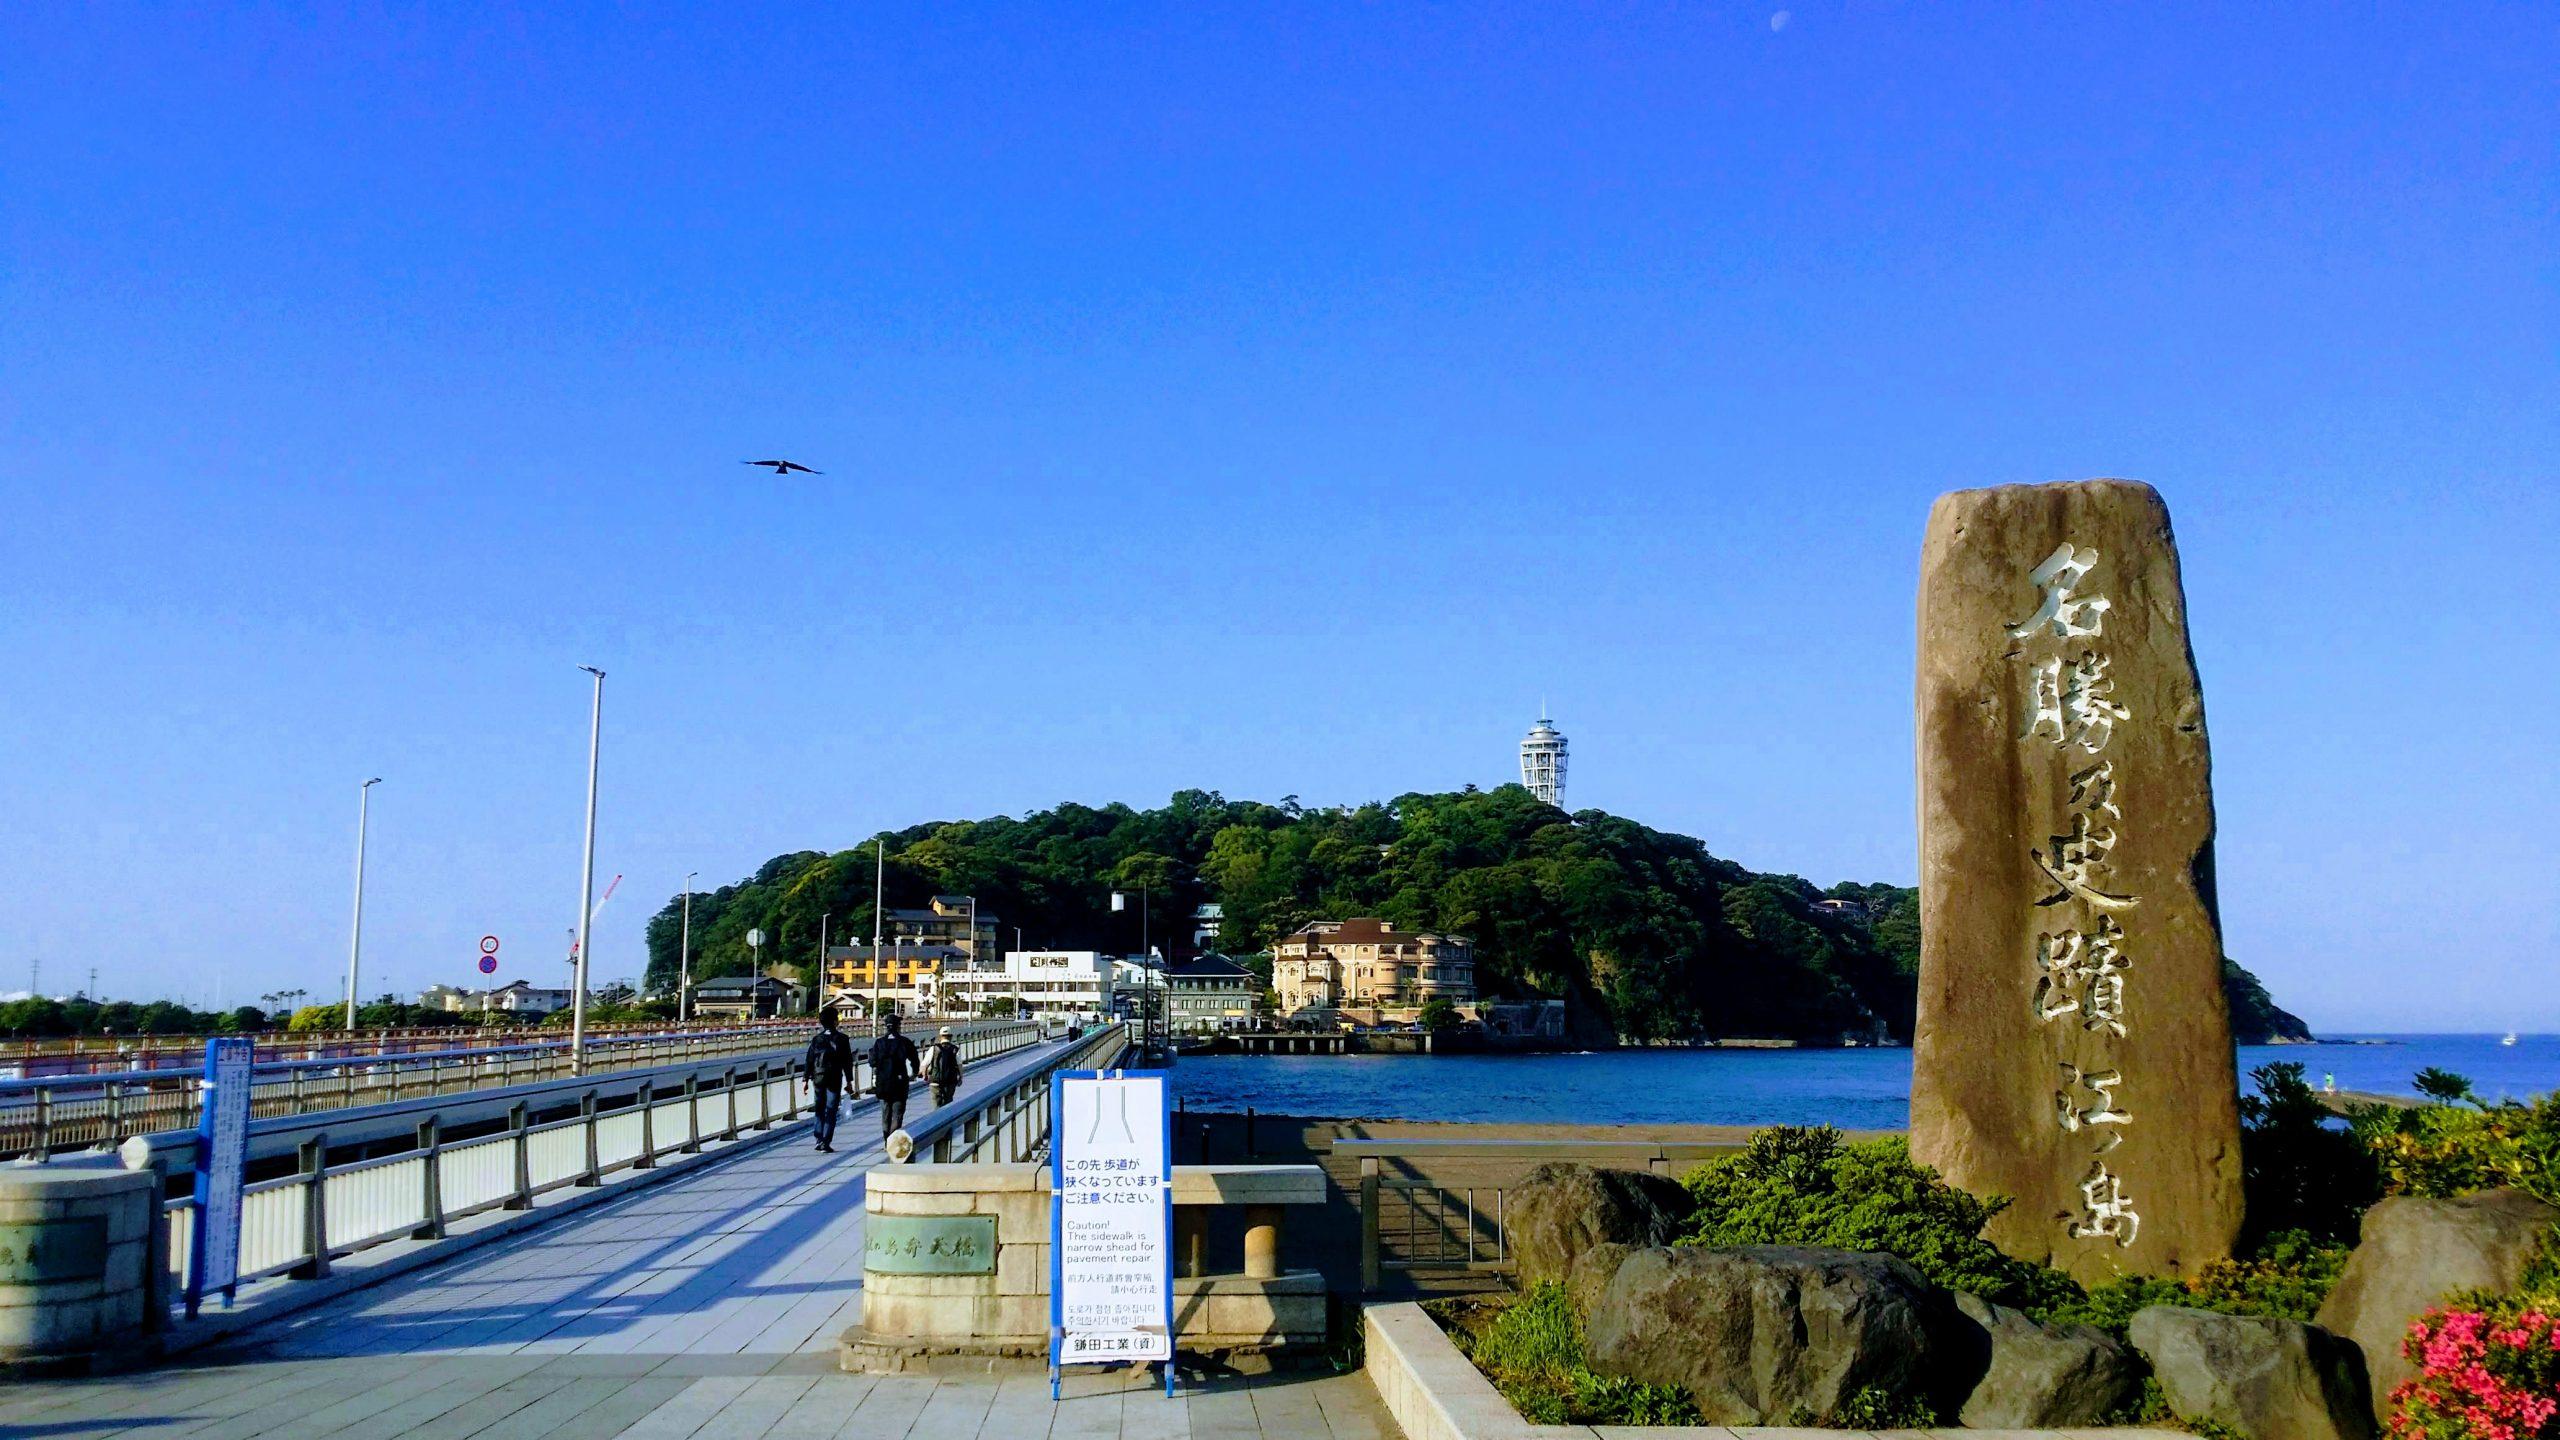 江ノ島 runtrip